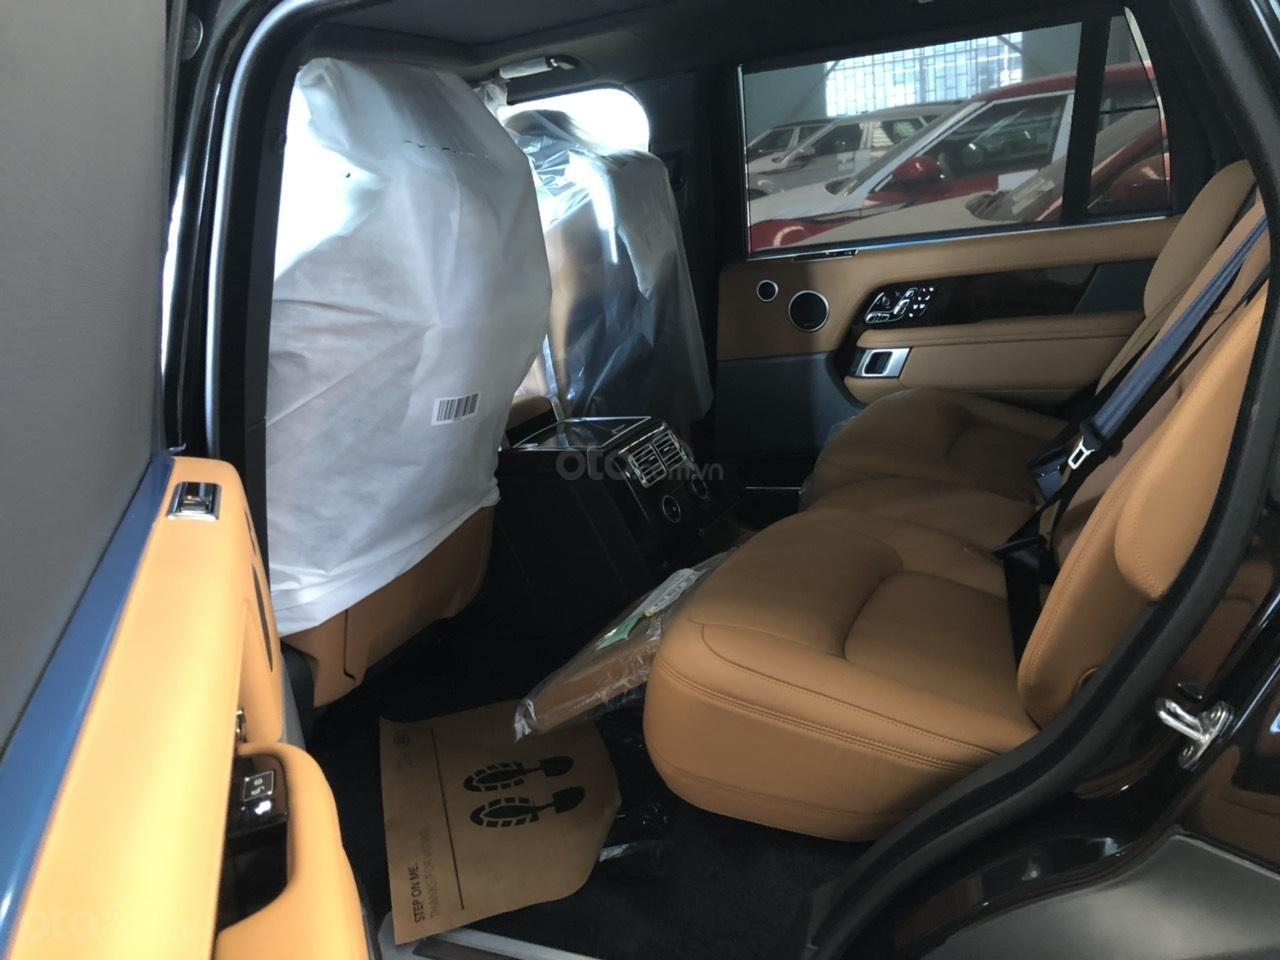 093 22222 53 bán LandRover Range Rover Autobiography Long 2019, màu trắng, đen, xanh, xám - giao xe - toàn quốc (9)